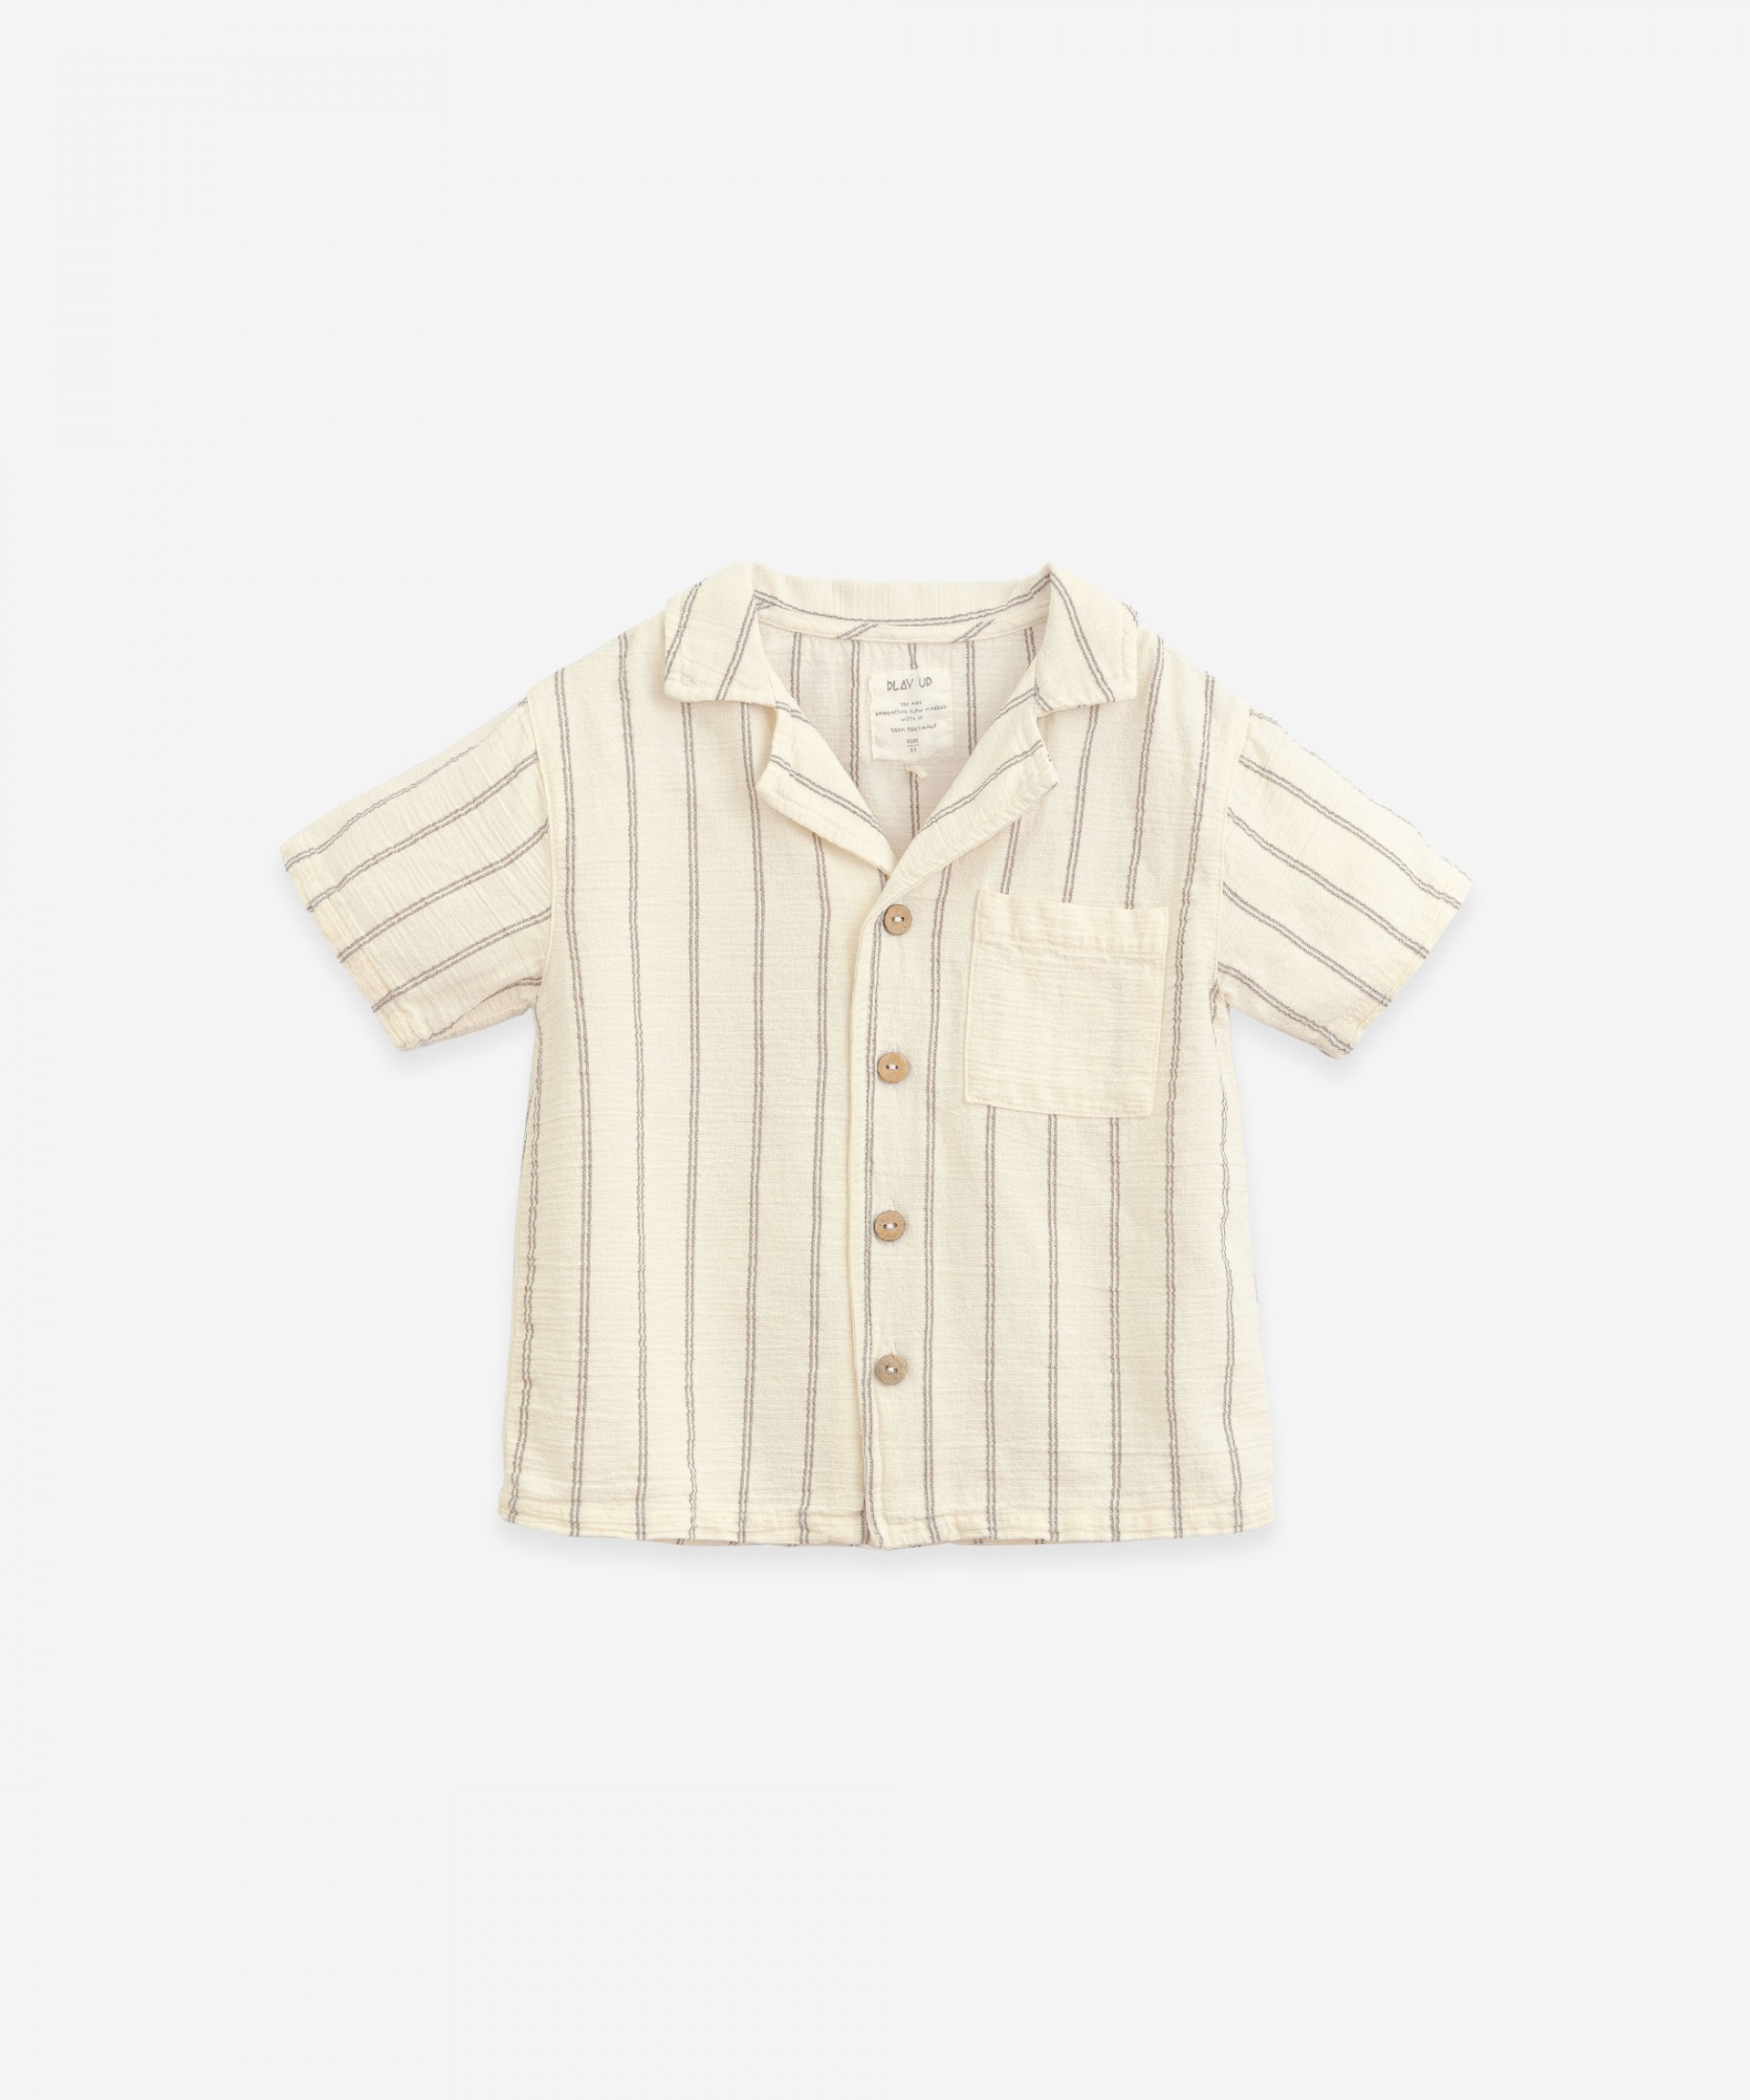 Camisa de rayas con bolsillo | Botany